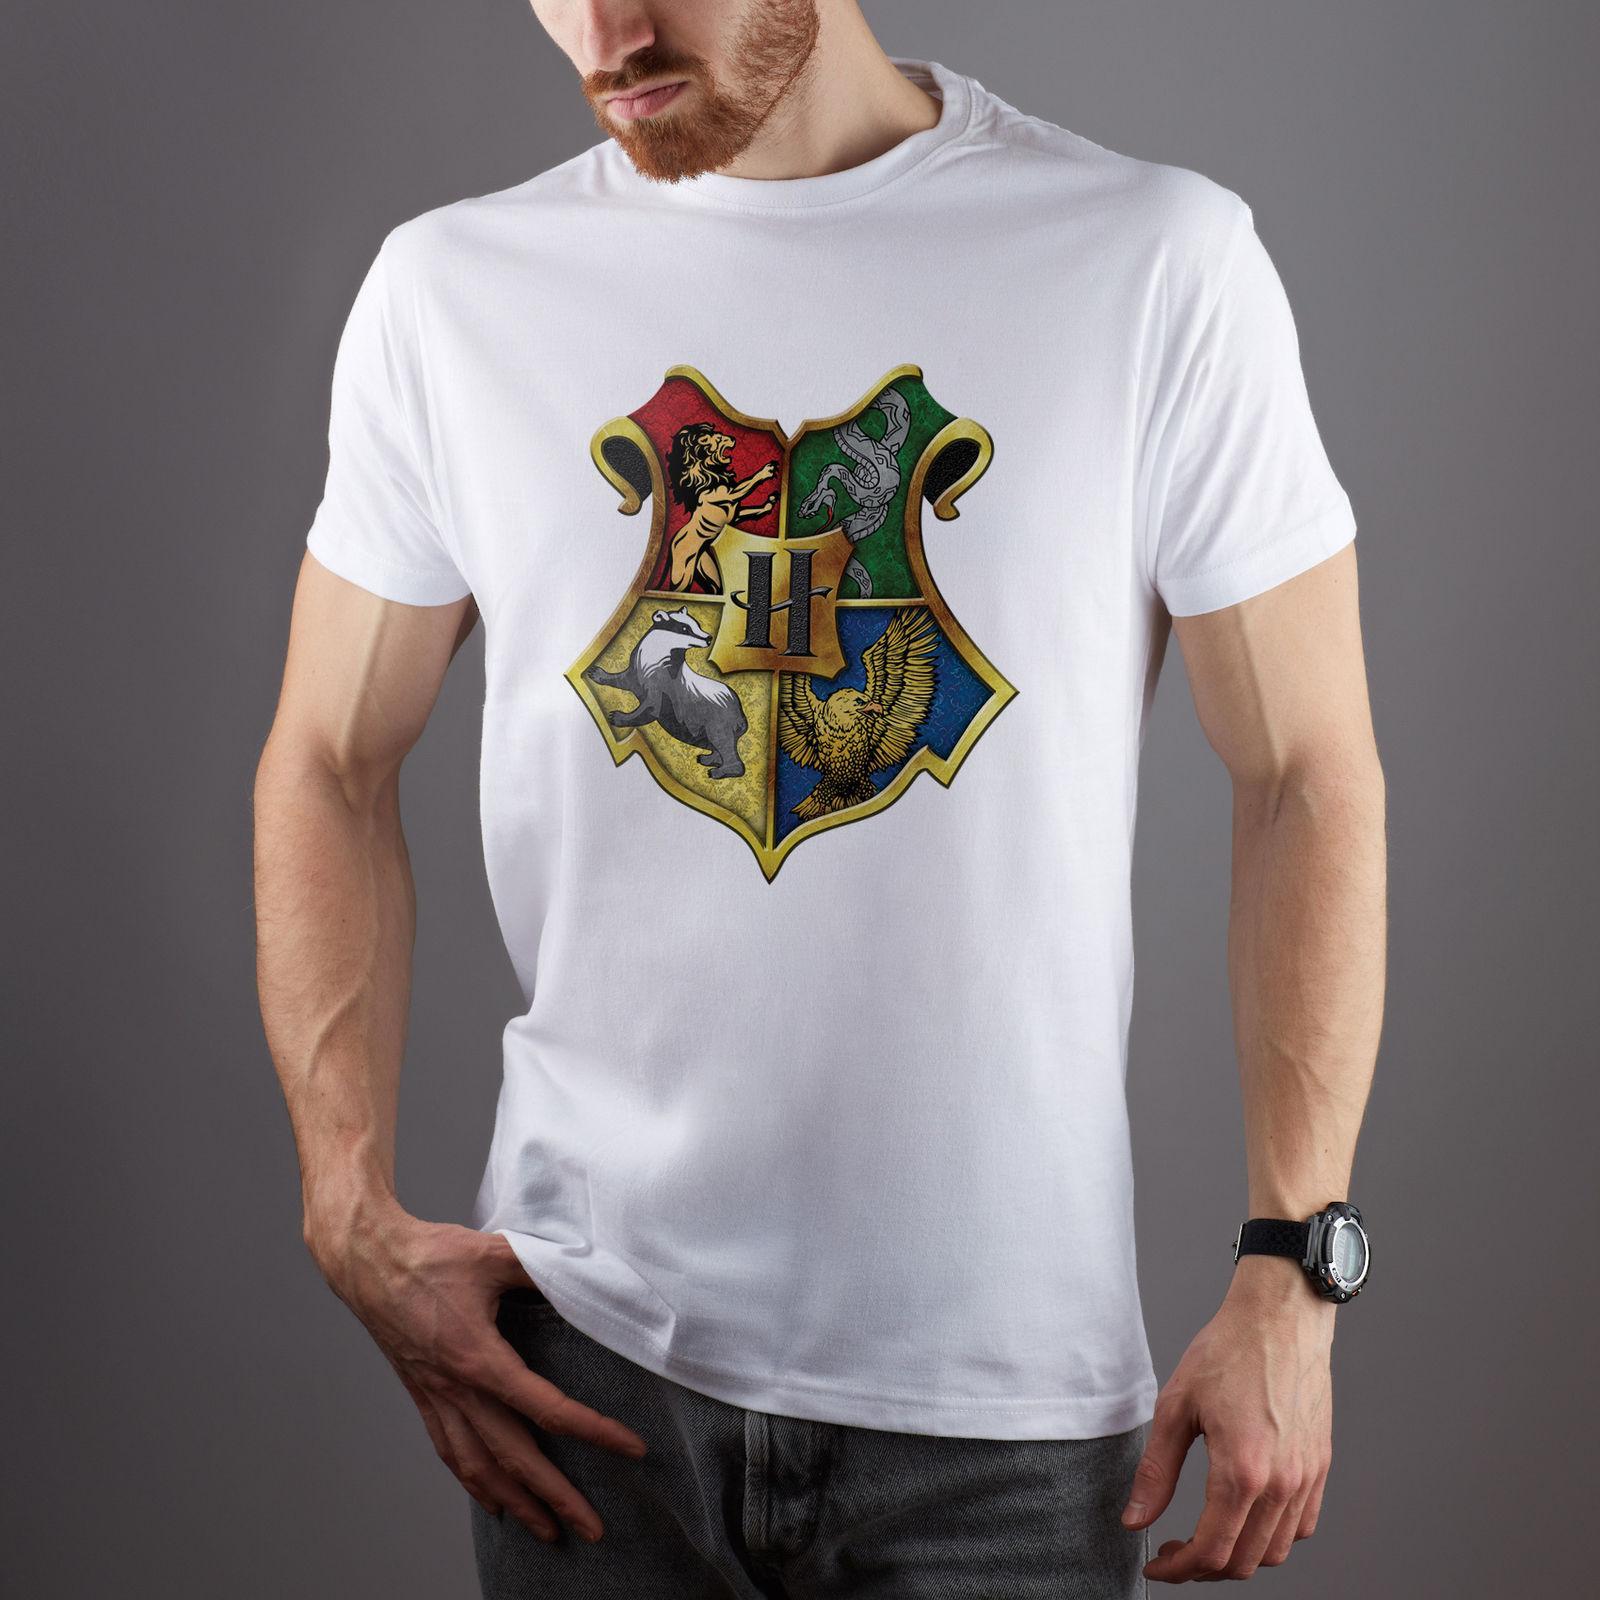 8d91721b07 Compre Harry Potter Art Design Unisex Slim Fit Camisa Longa Grande Homem T  Shirt Tee 100% Algodão Casual Impressão De Manga Curta Homens Camiseta O  Pescoço ...